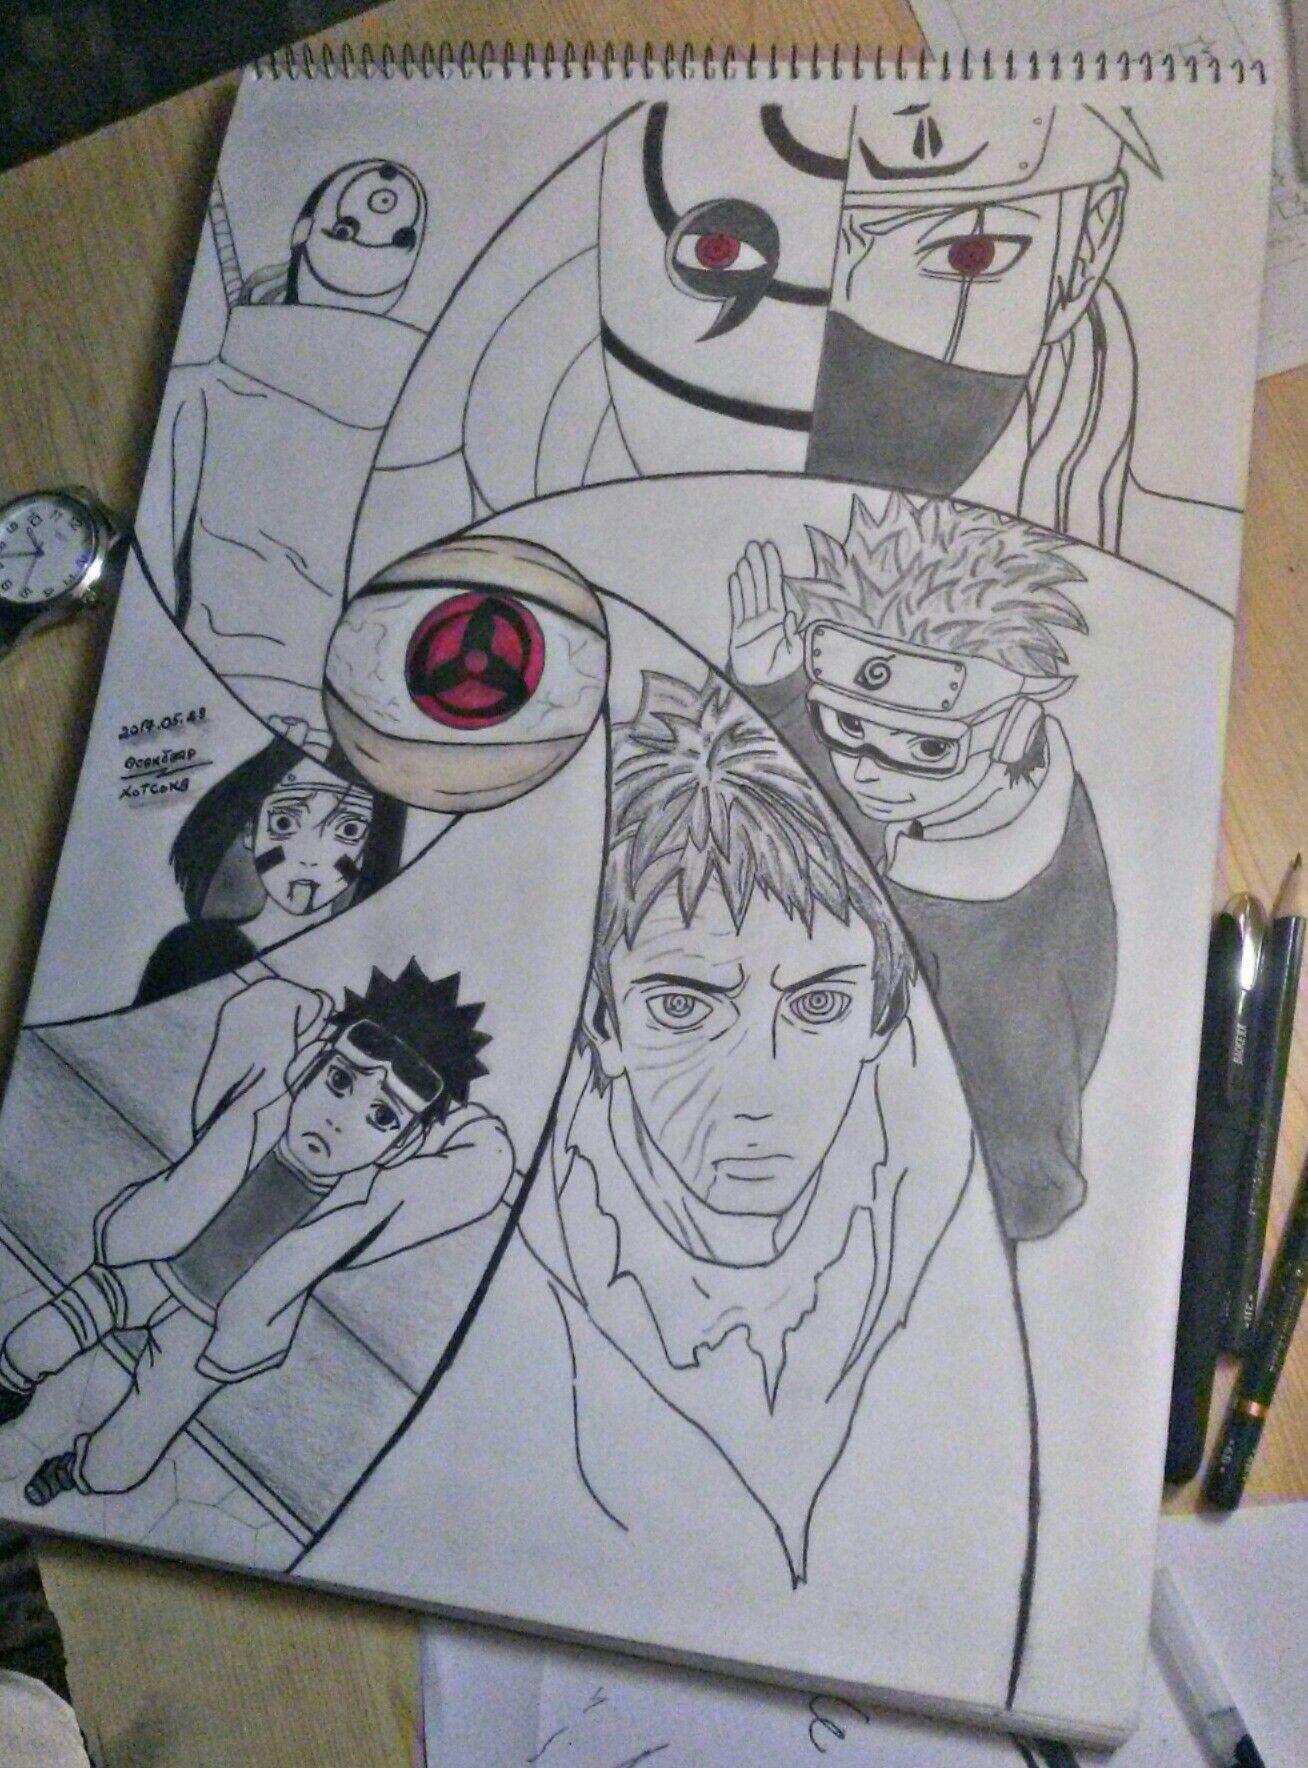 Obito Uchiha Esboco De Anime Naruto E Sasuke Desenho Desenho De Olho De Anime